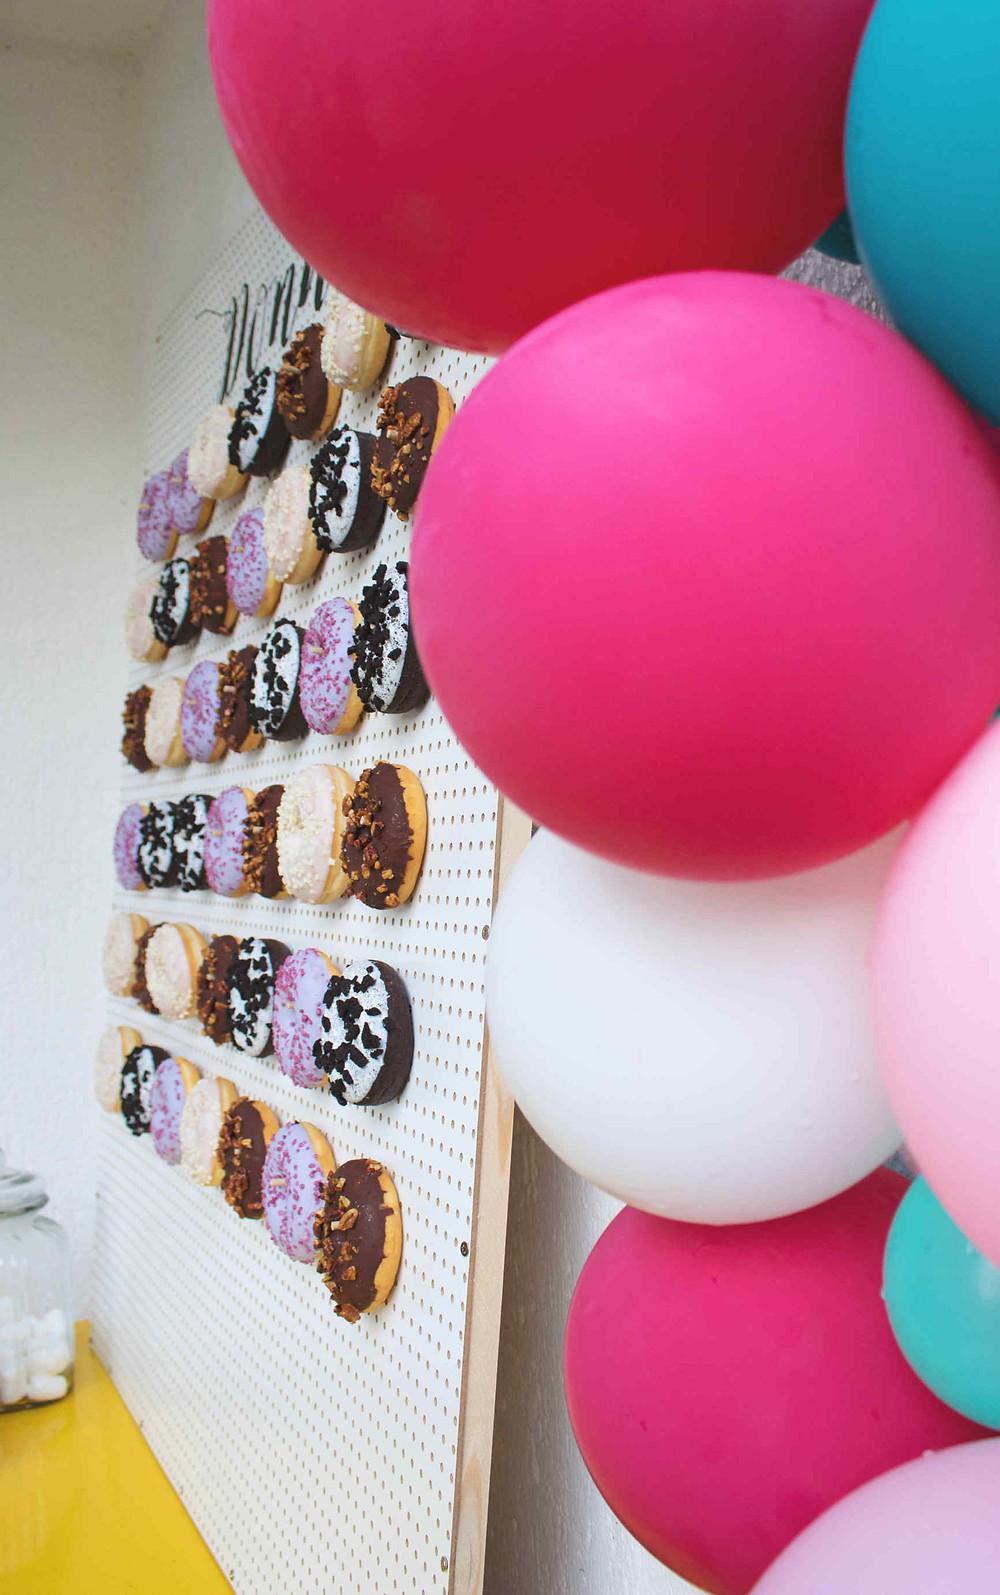 Geburtstag, Geburtstagsfeier, Picknick, Partyidee, Eis-Party, Partytipp, Party aus der Box, Deko, internationaler Picknick-Tag, Bridal Shower, Baby Party